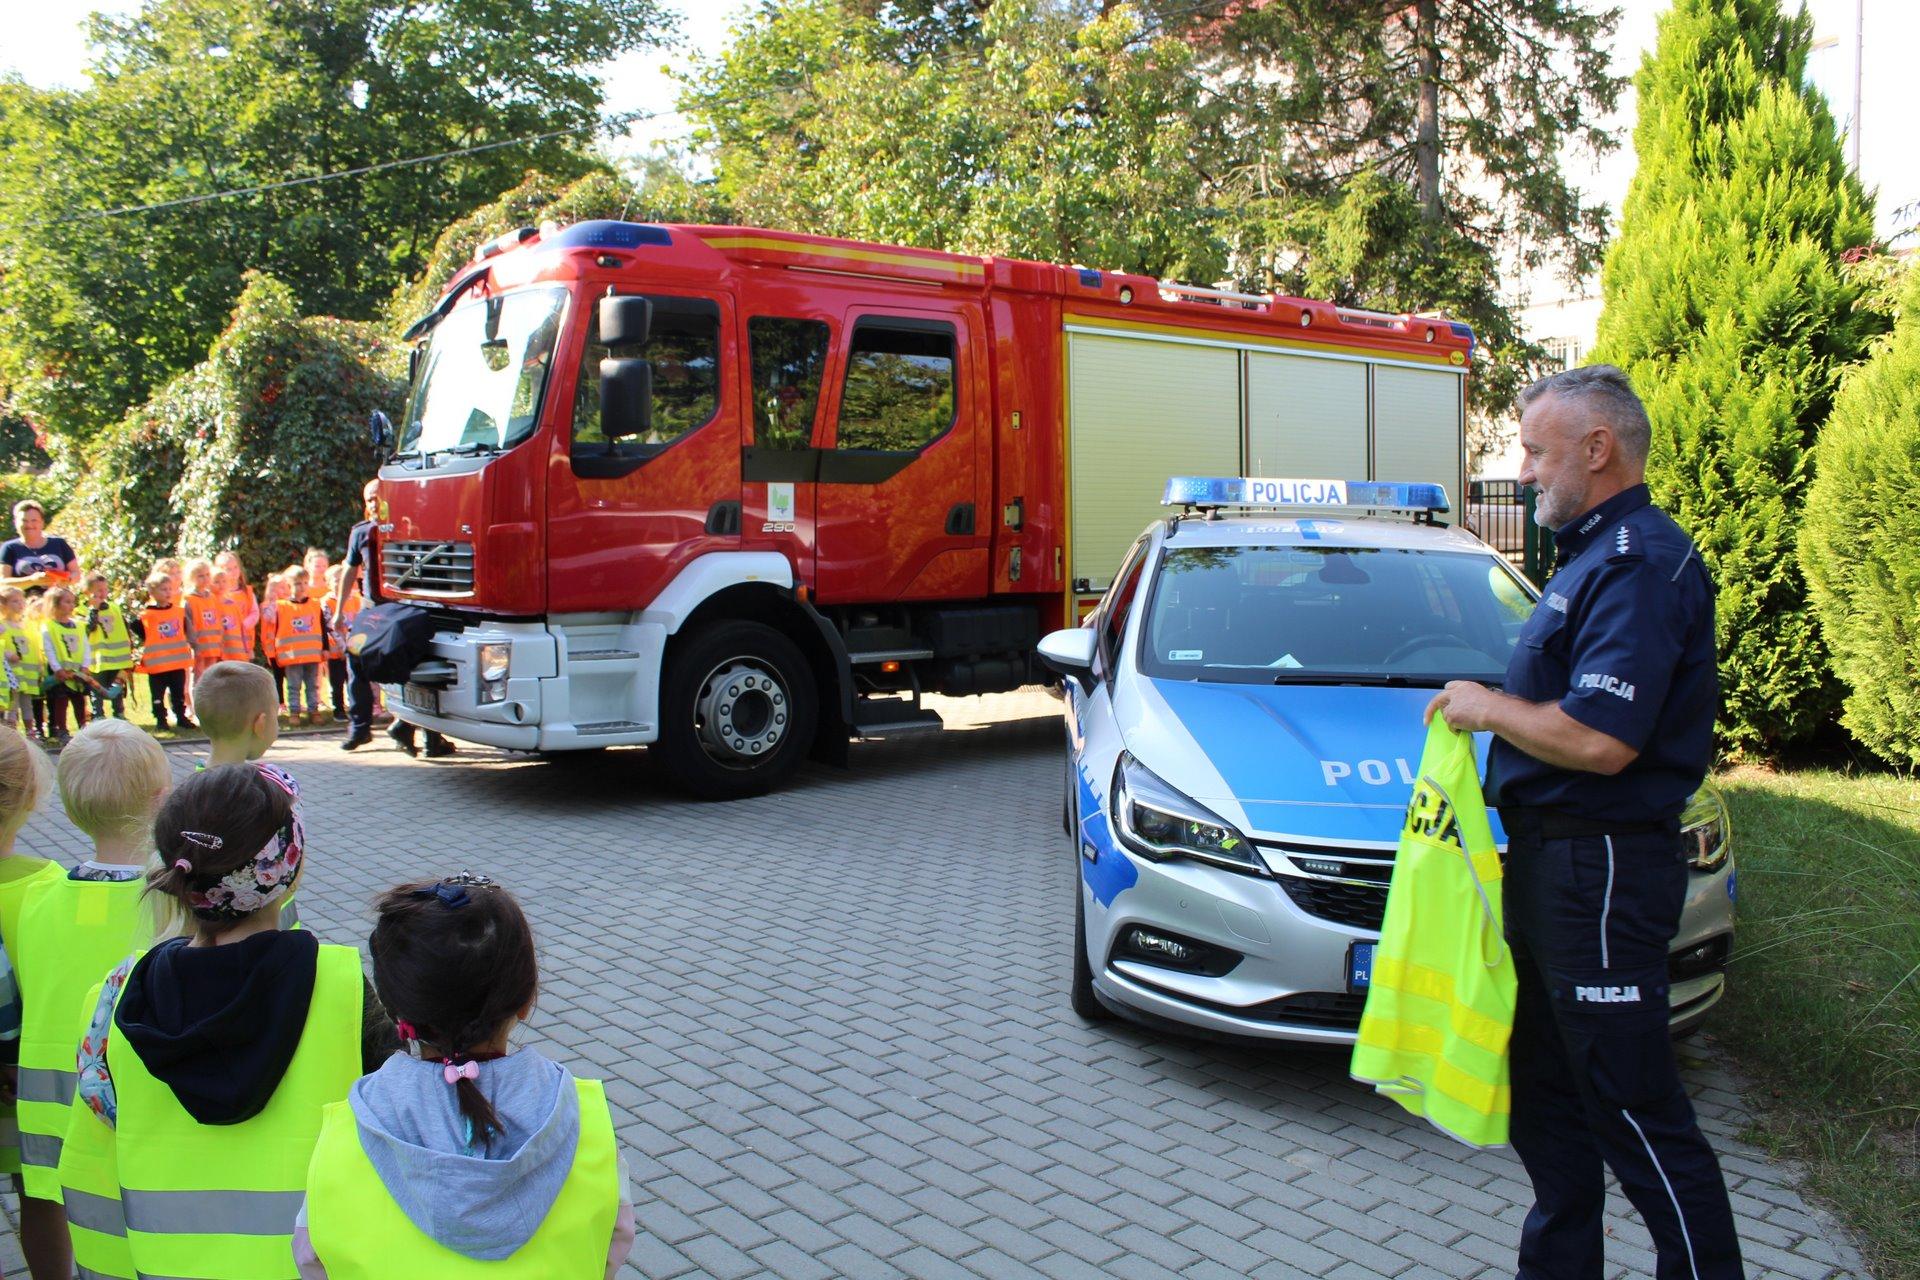 Wizyta strażaków i policjantów